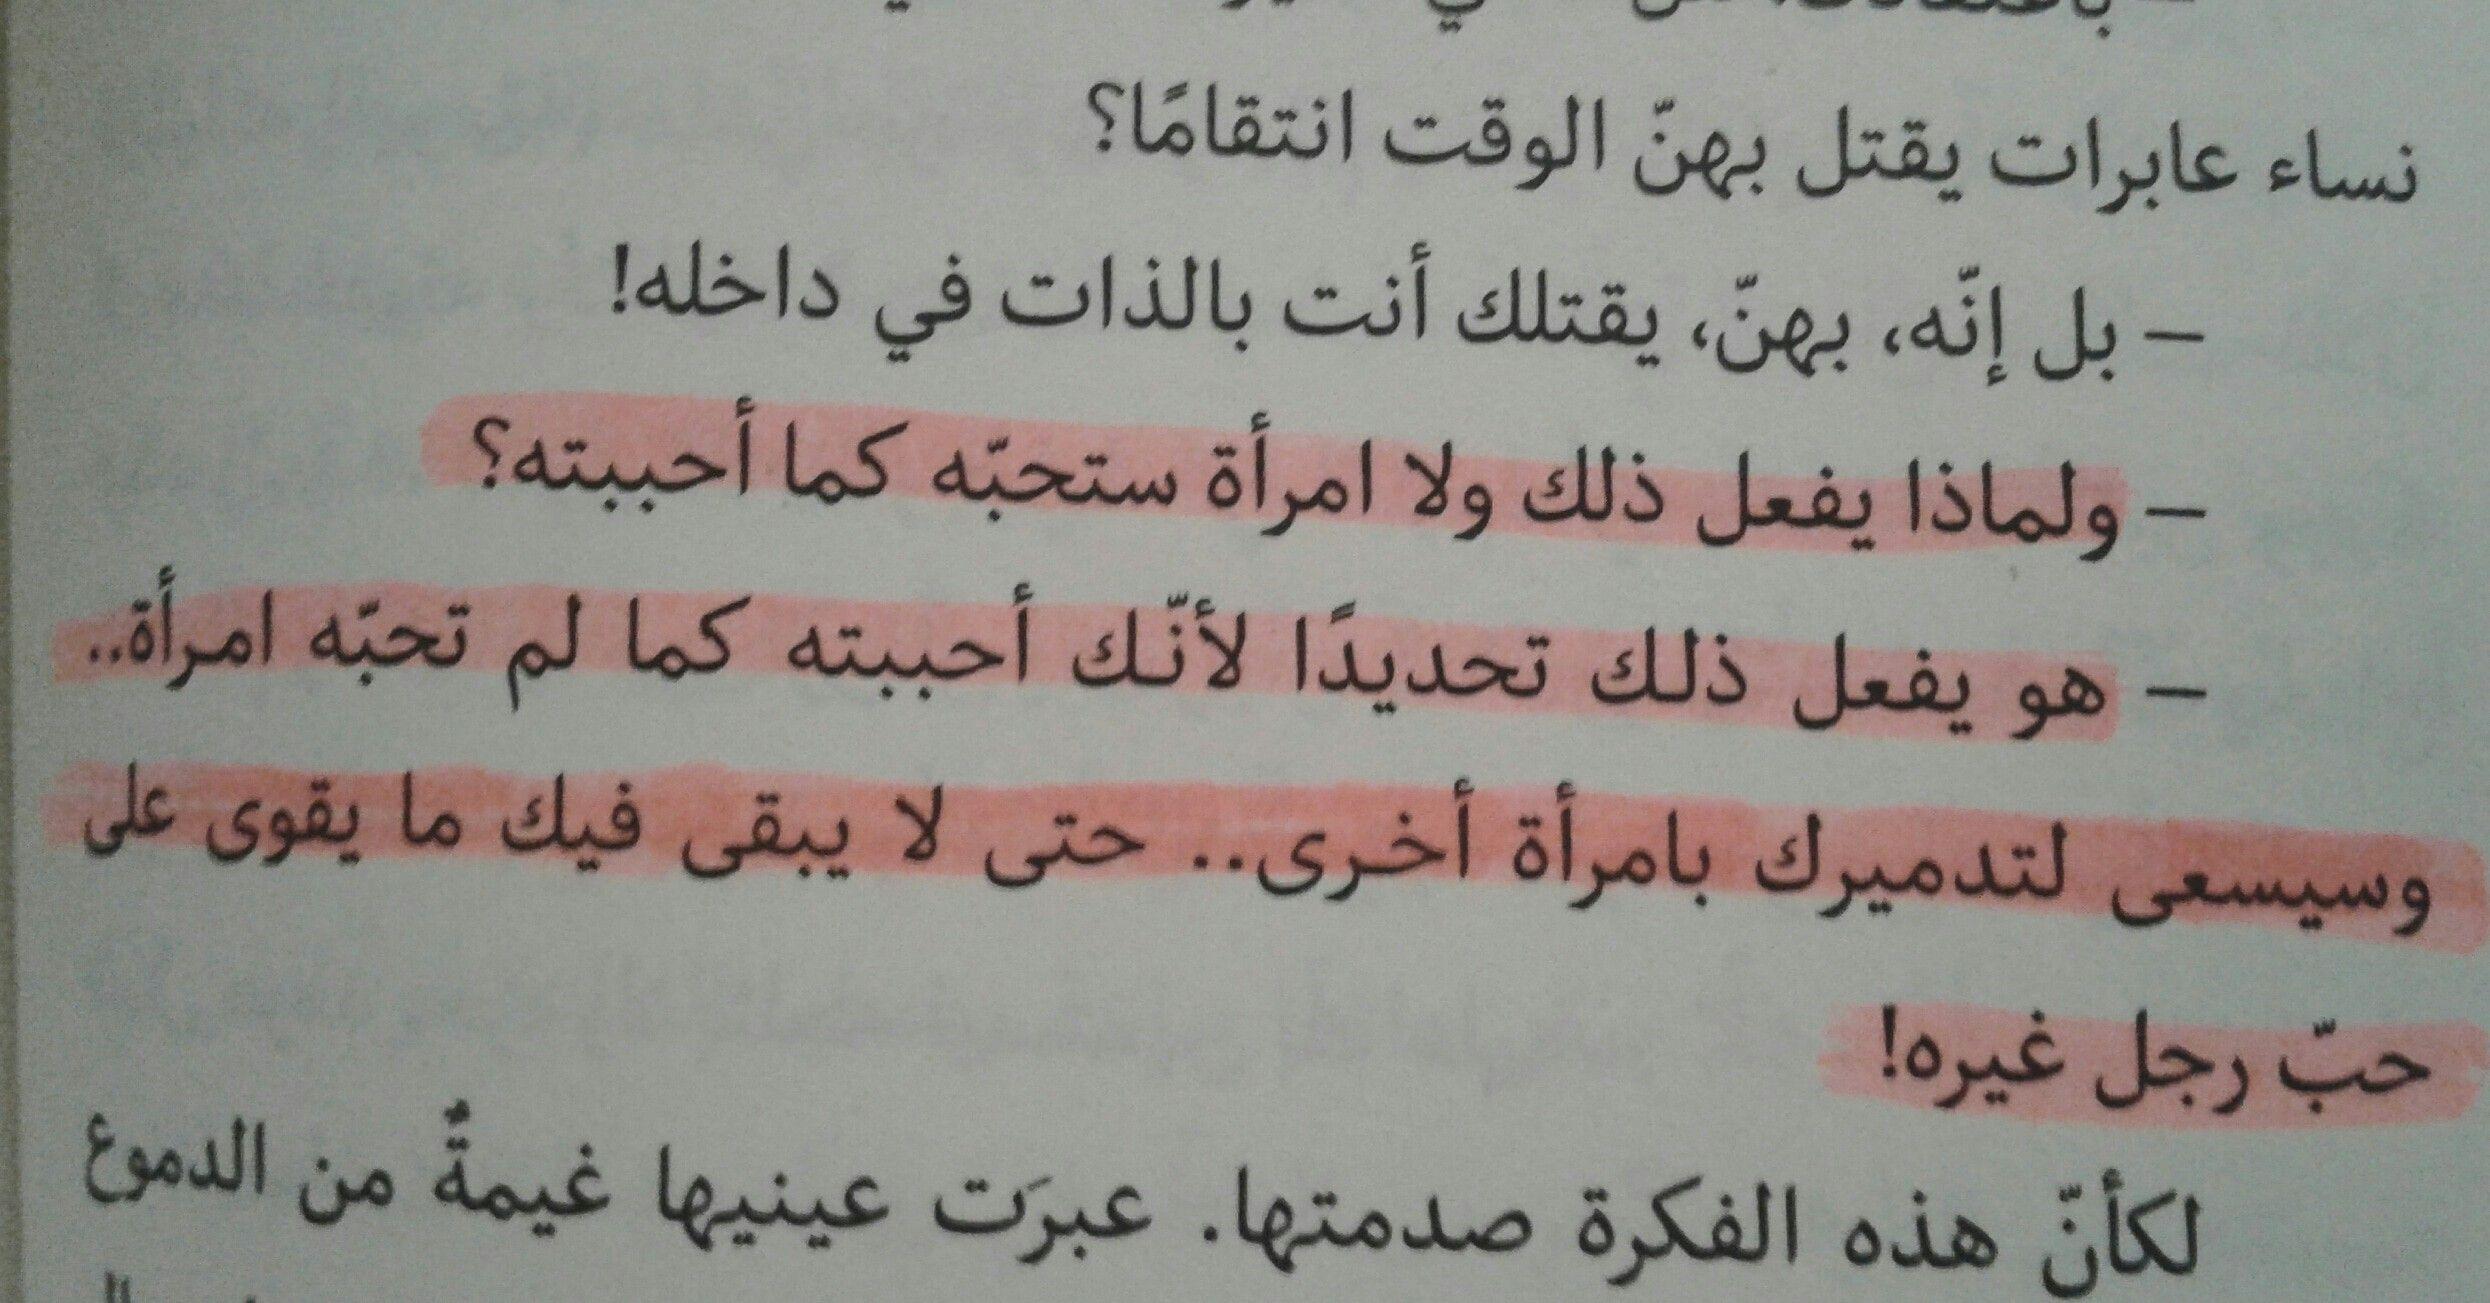 اقتباسات احلام مستغانمي خيانة حب رجل كتاب Math Arabic Arabic Calligraphy